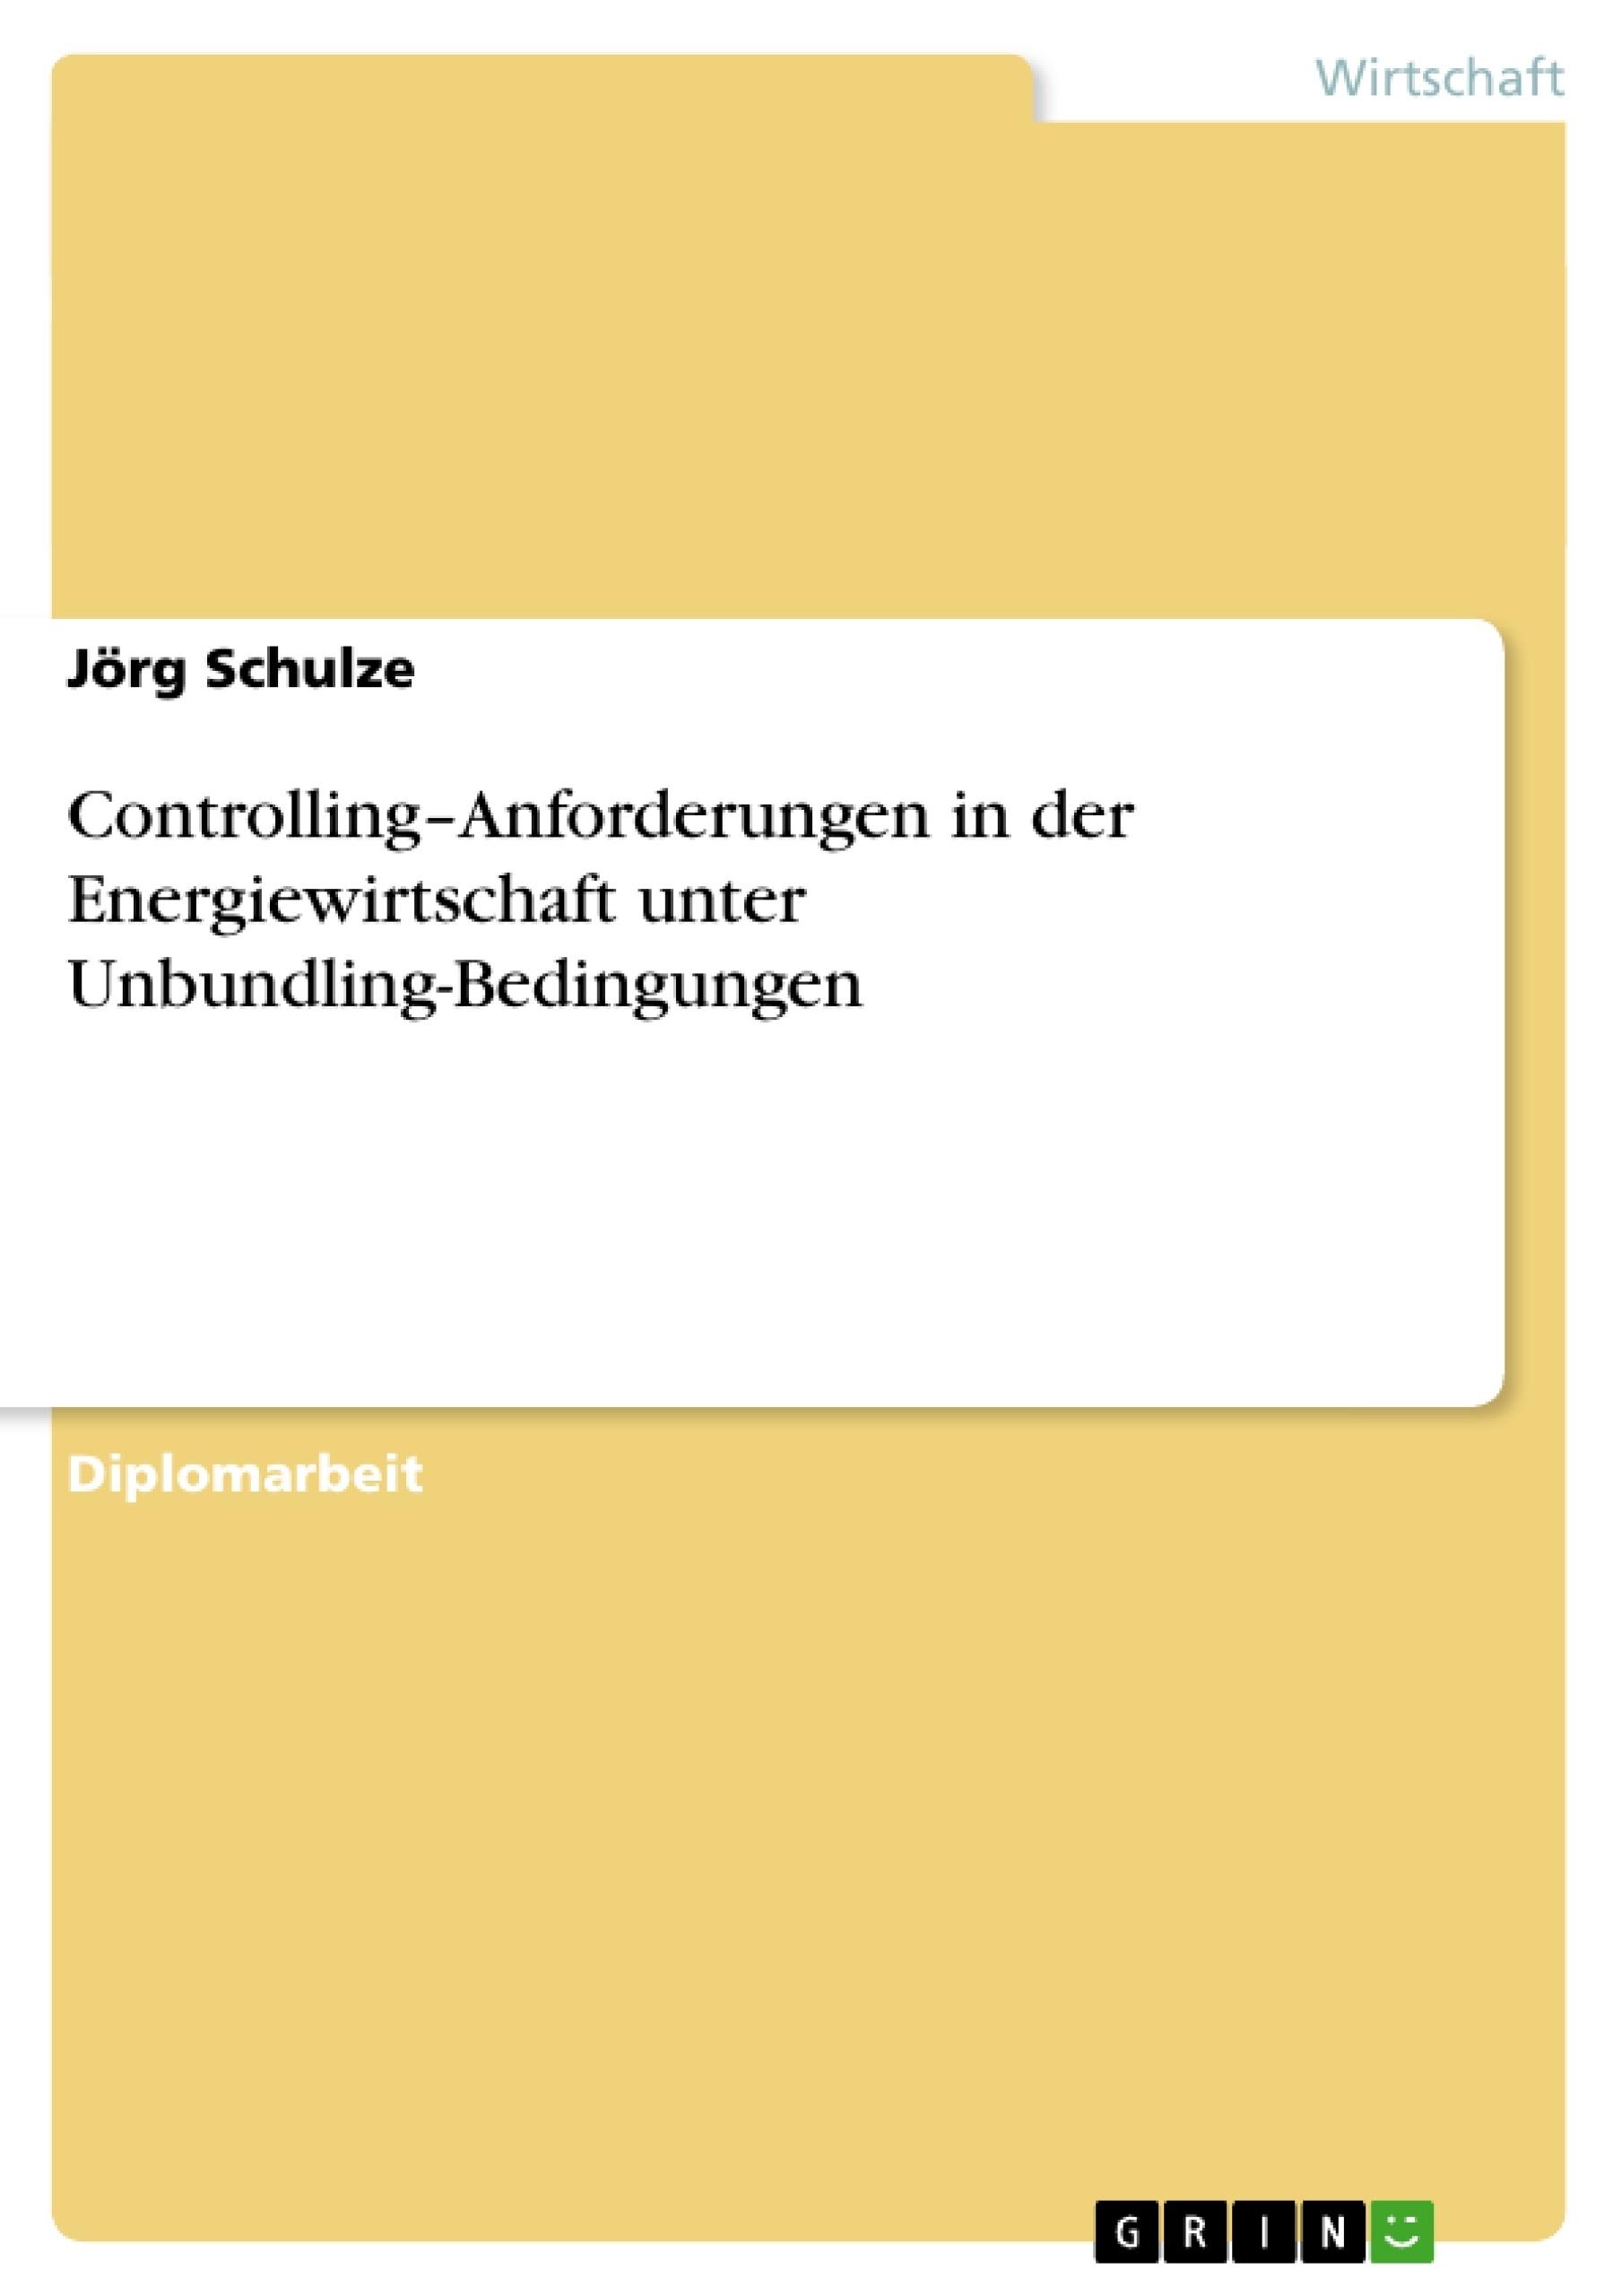 Titel: Controlling–Anforderungen in der Energiewirtschaft unter Unbundling-Bedingungen